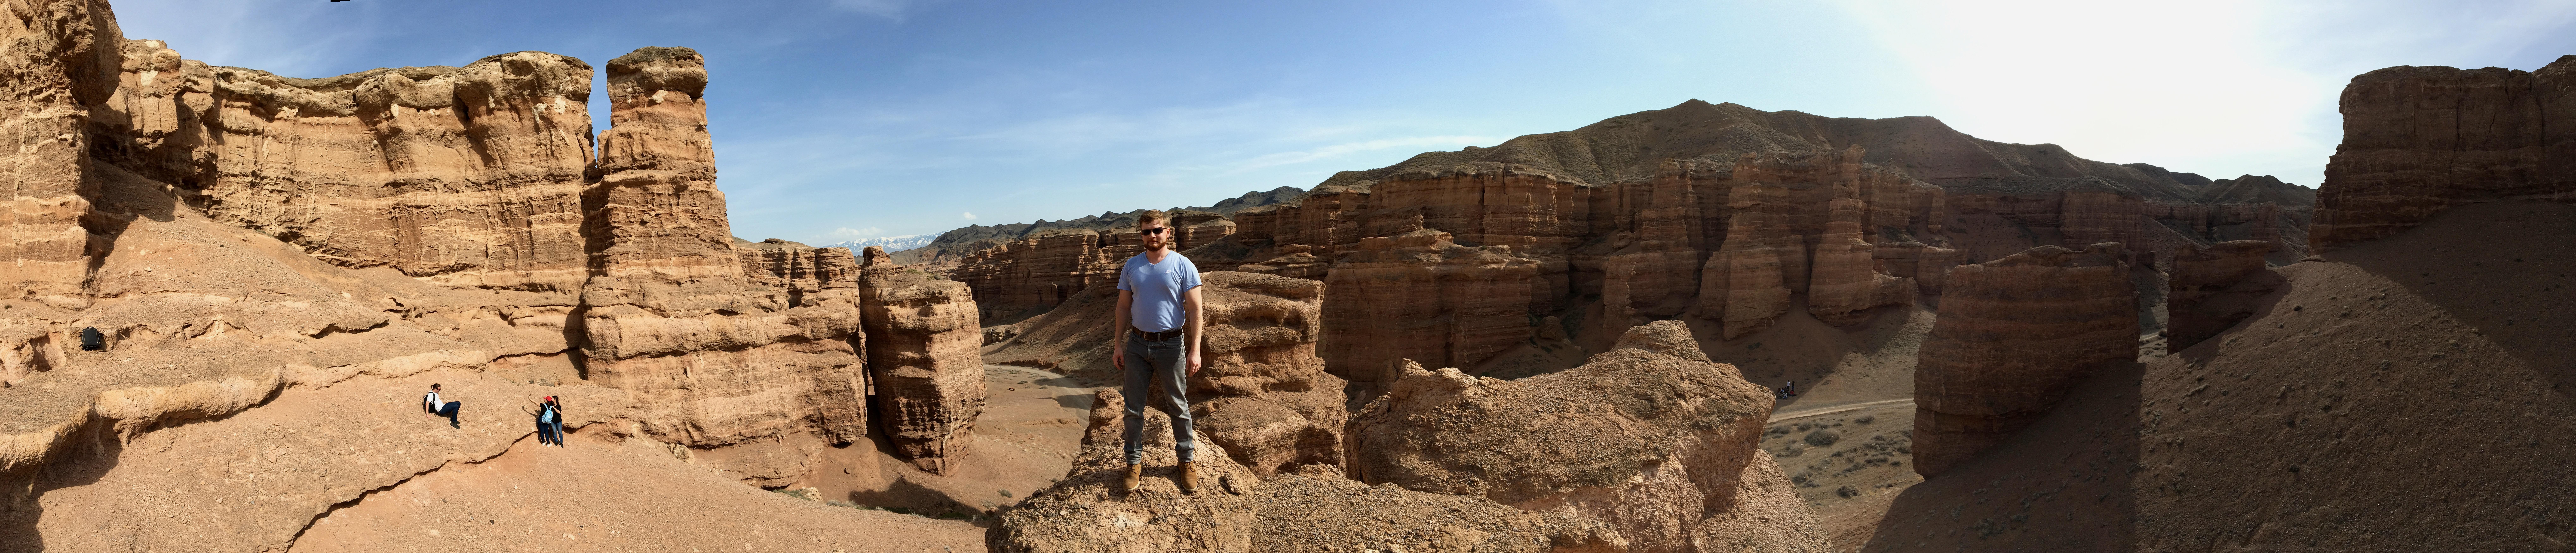 Scharyn Canyon